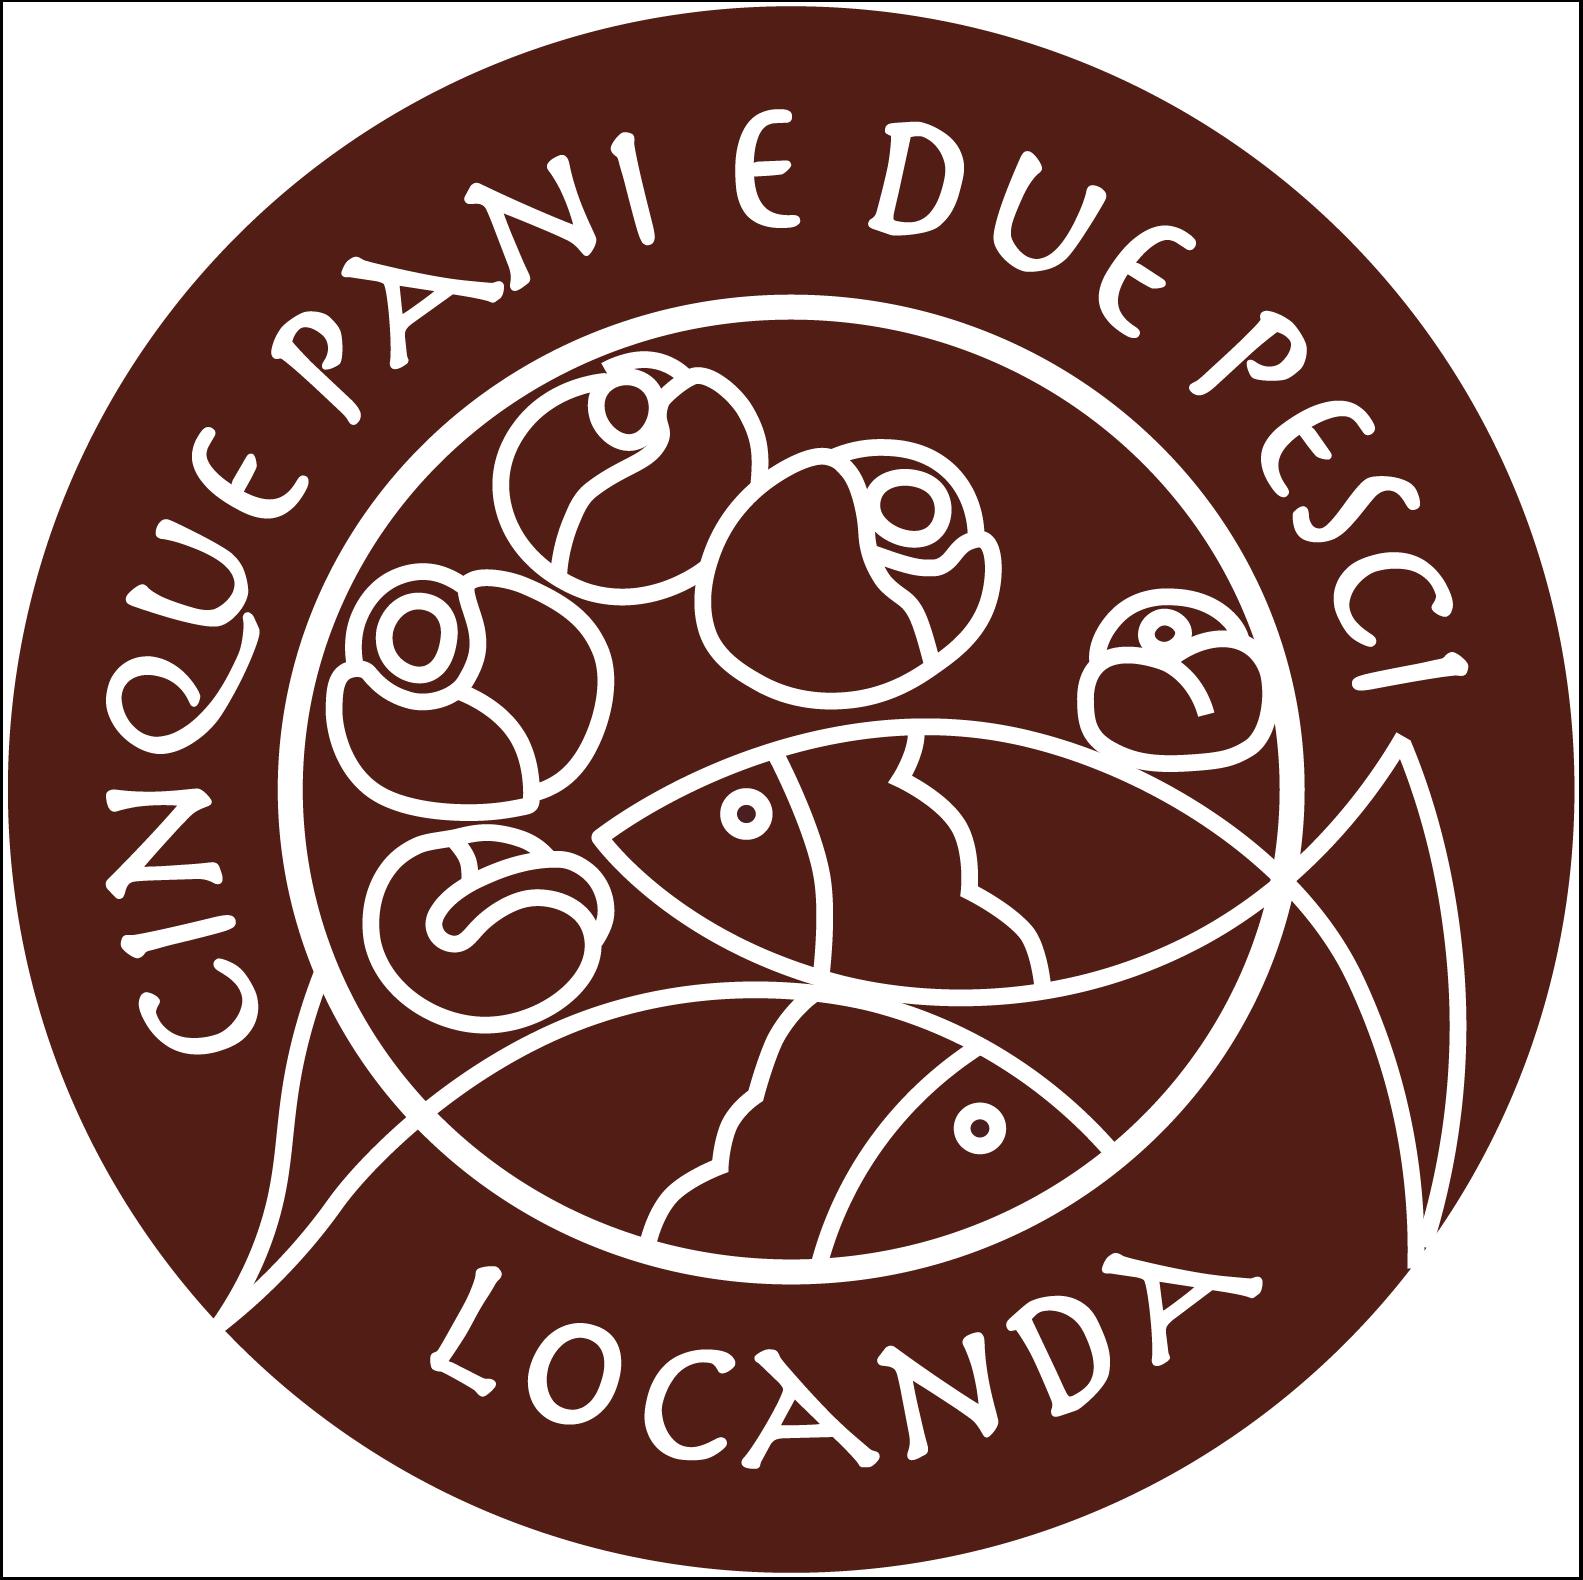 Logo Locanda Cinque Pani e Due Pesci